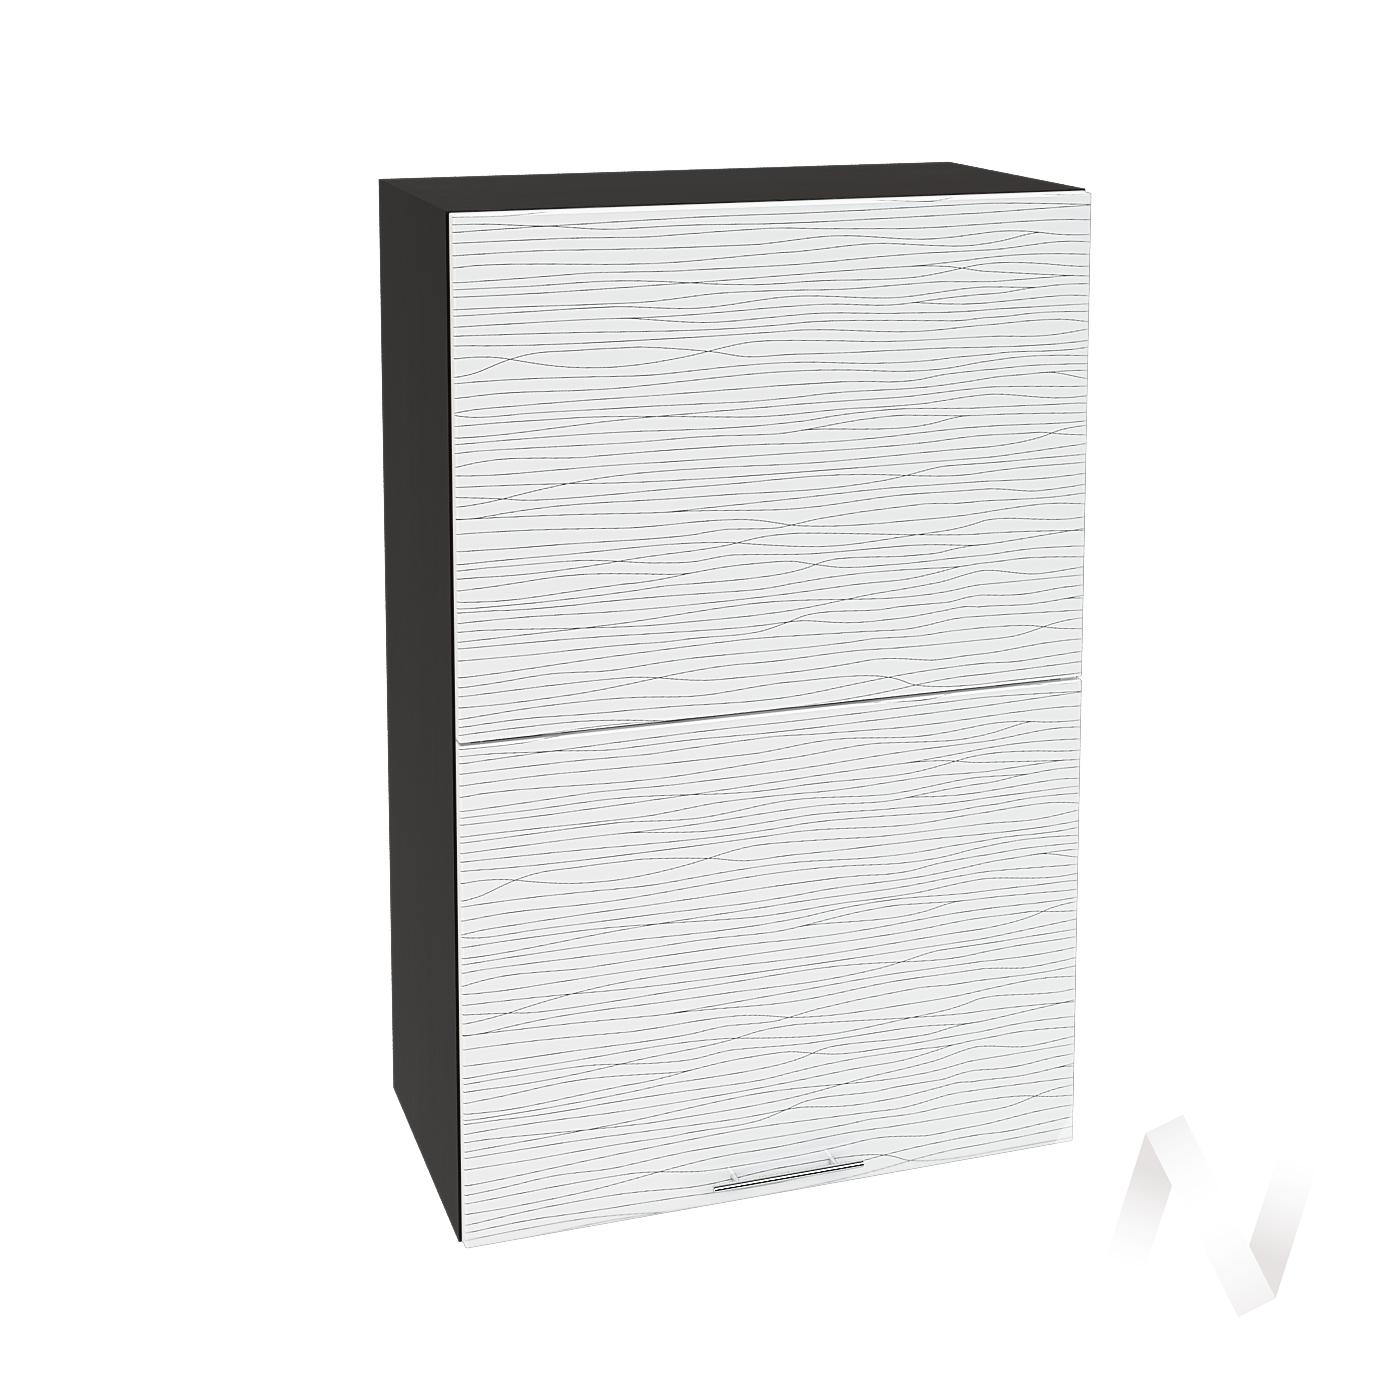 """Кухня """"Валерия-М"""": Шкаф верхний горизонтальный 602, ШВГ 602 (Страйп белый/корпус венге)"""